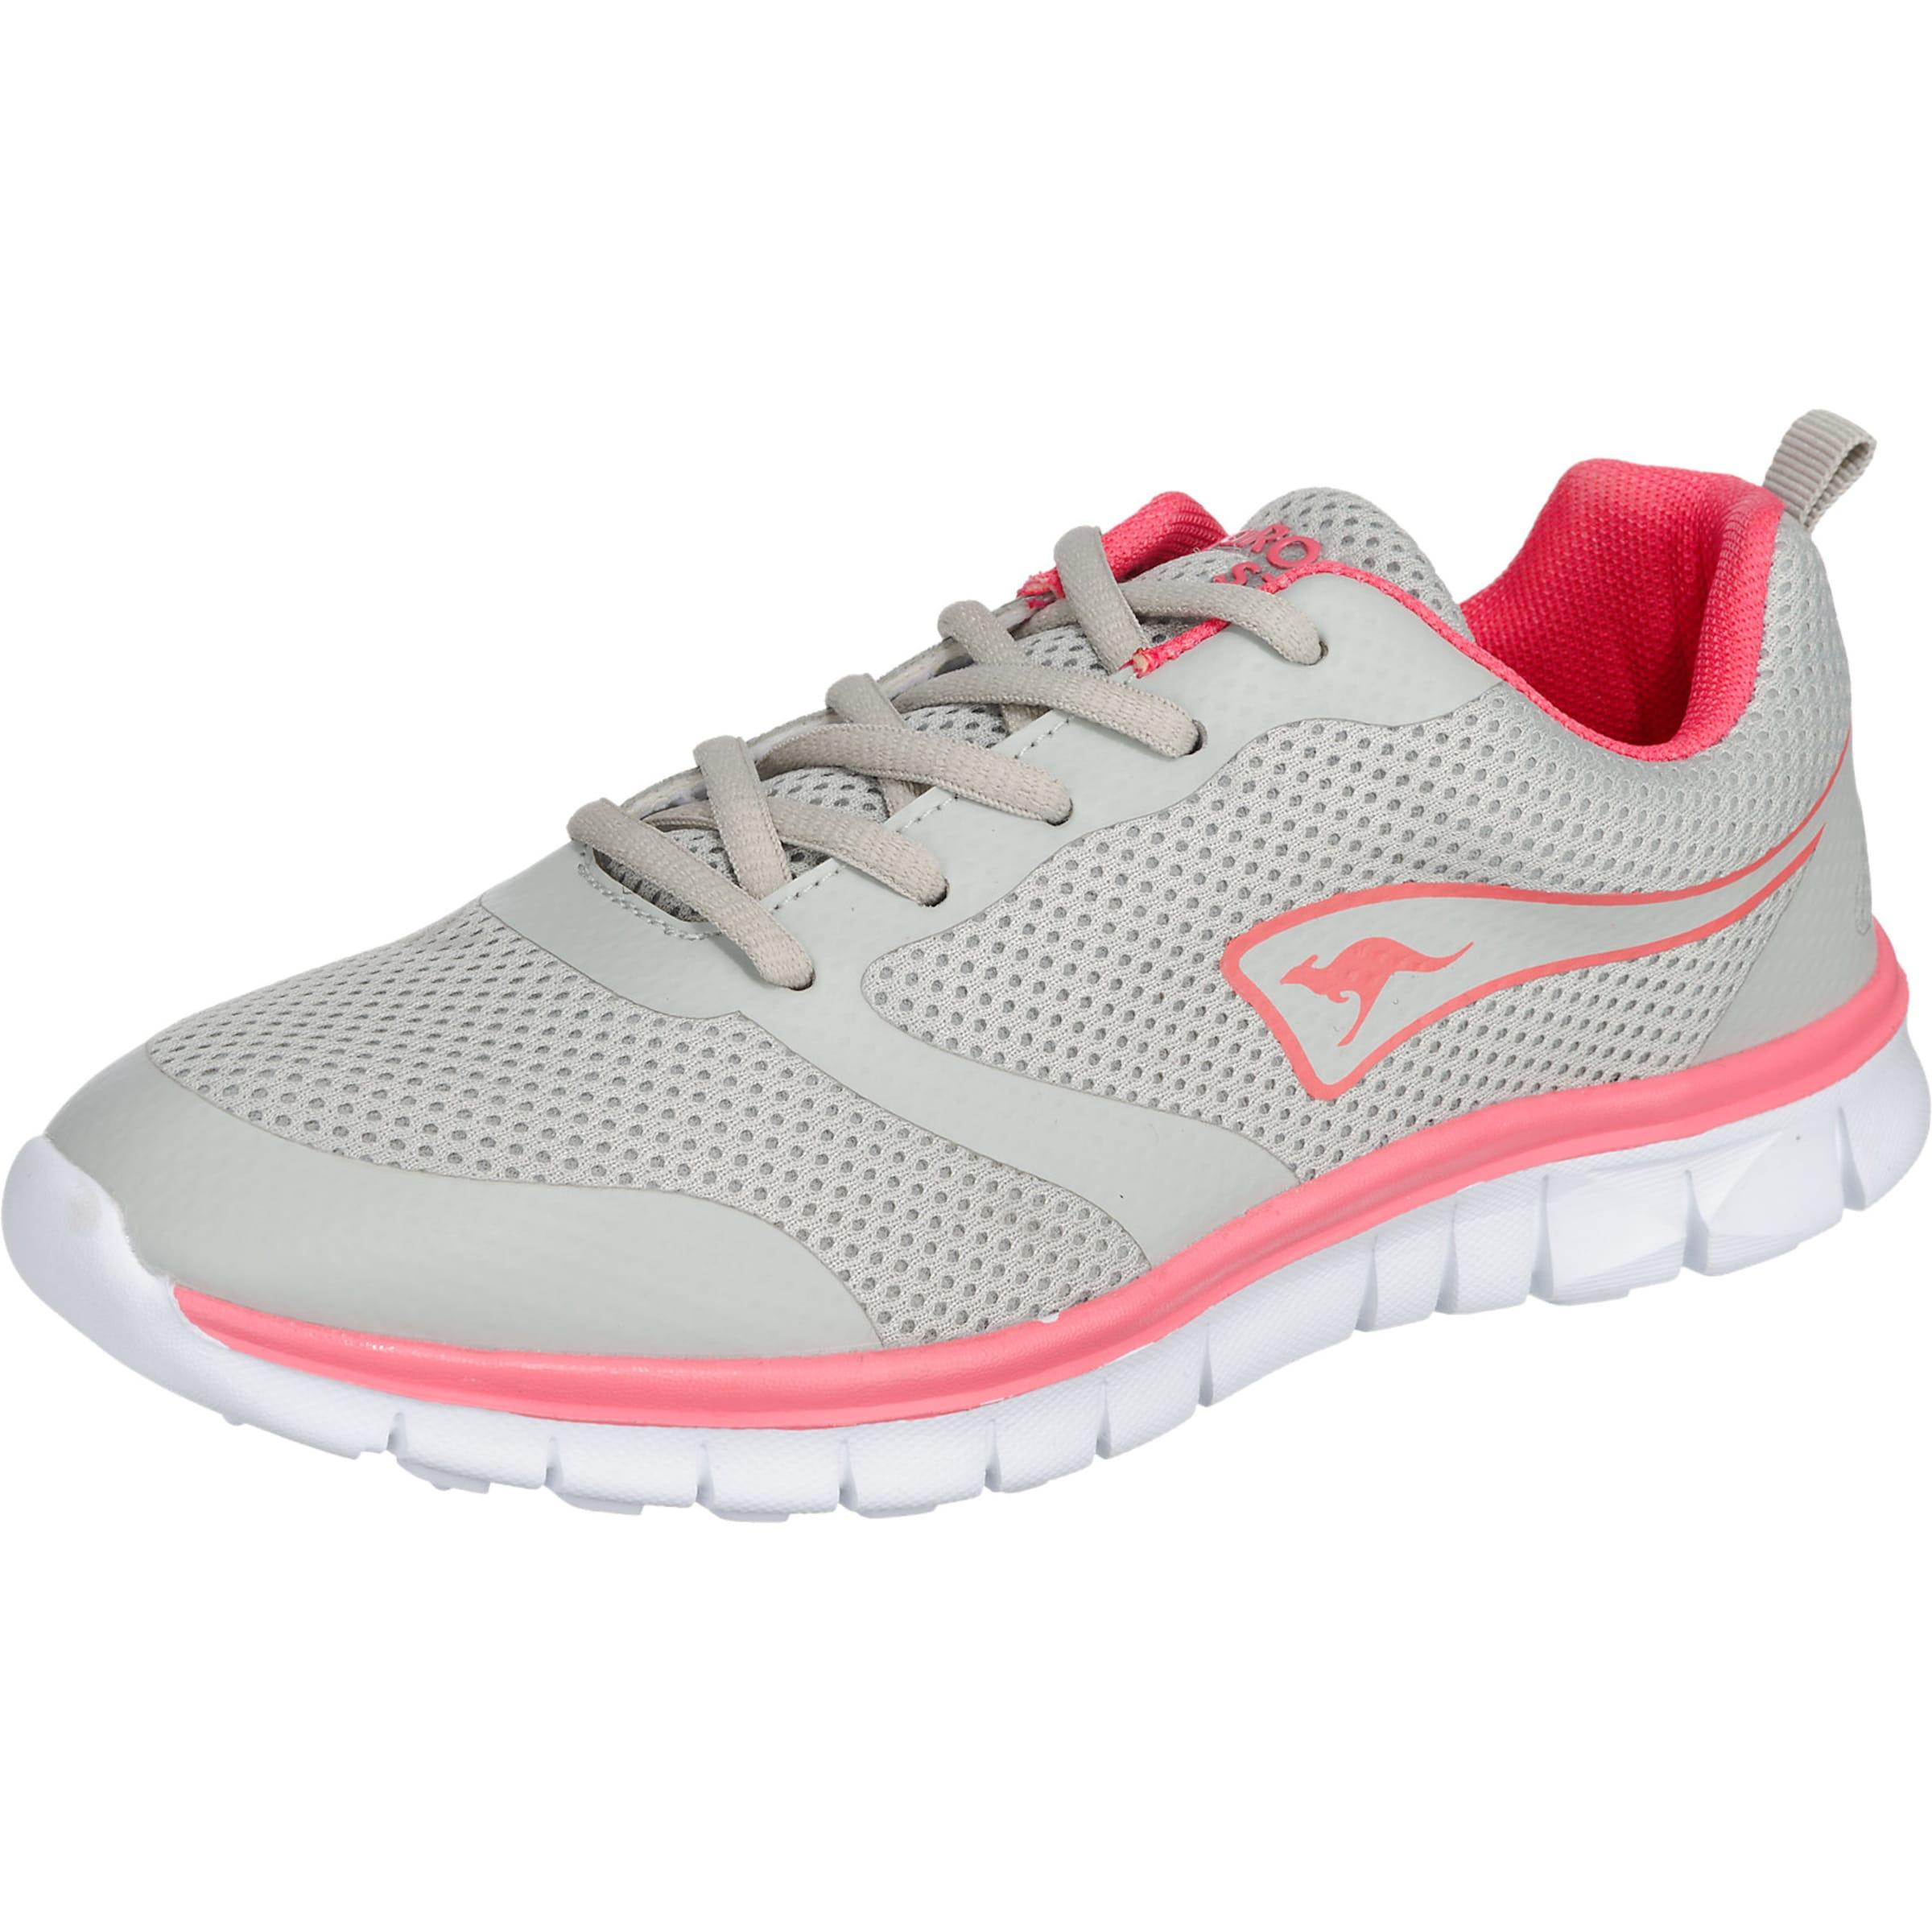 Günstig Kaufen Extrem KangaROOS K-March Sneakers Outlet-Store Günstig Online Rabatt Bester Verkauf Rabatt Mit Kreditkarte Günstig Kaufen Wahl DzpsE8J